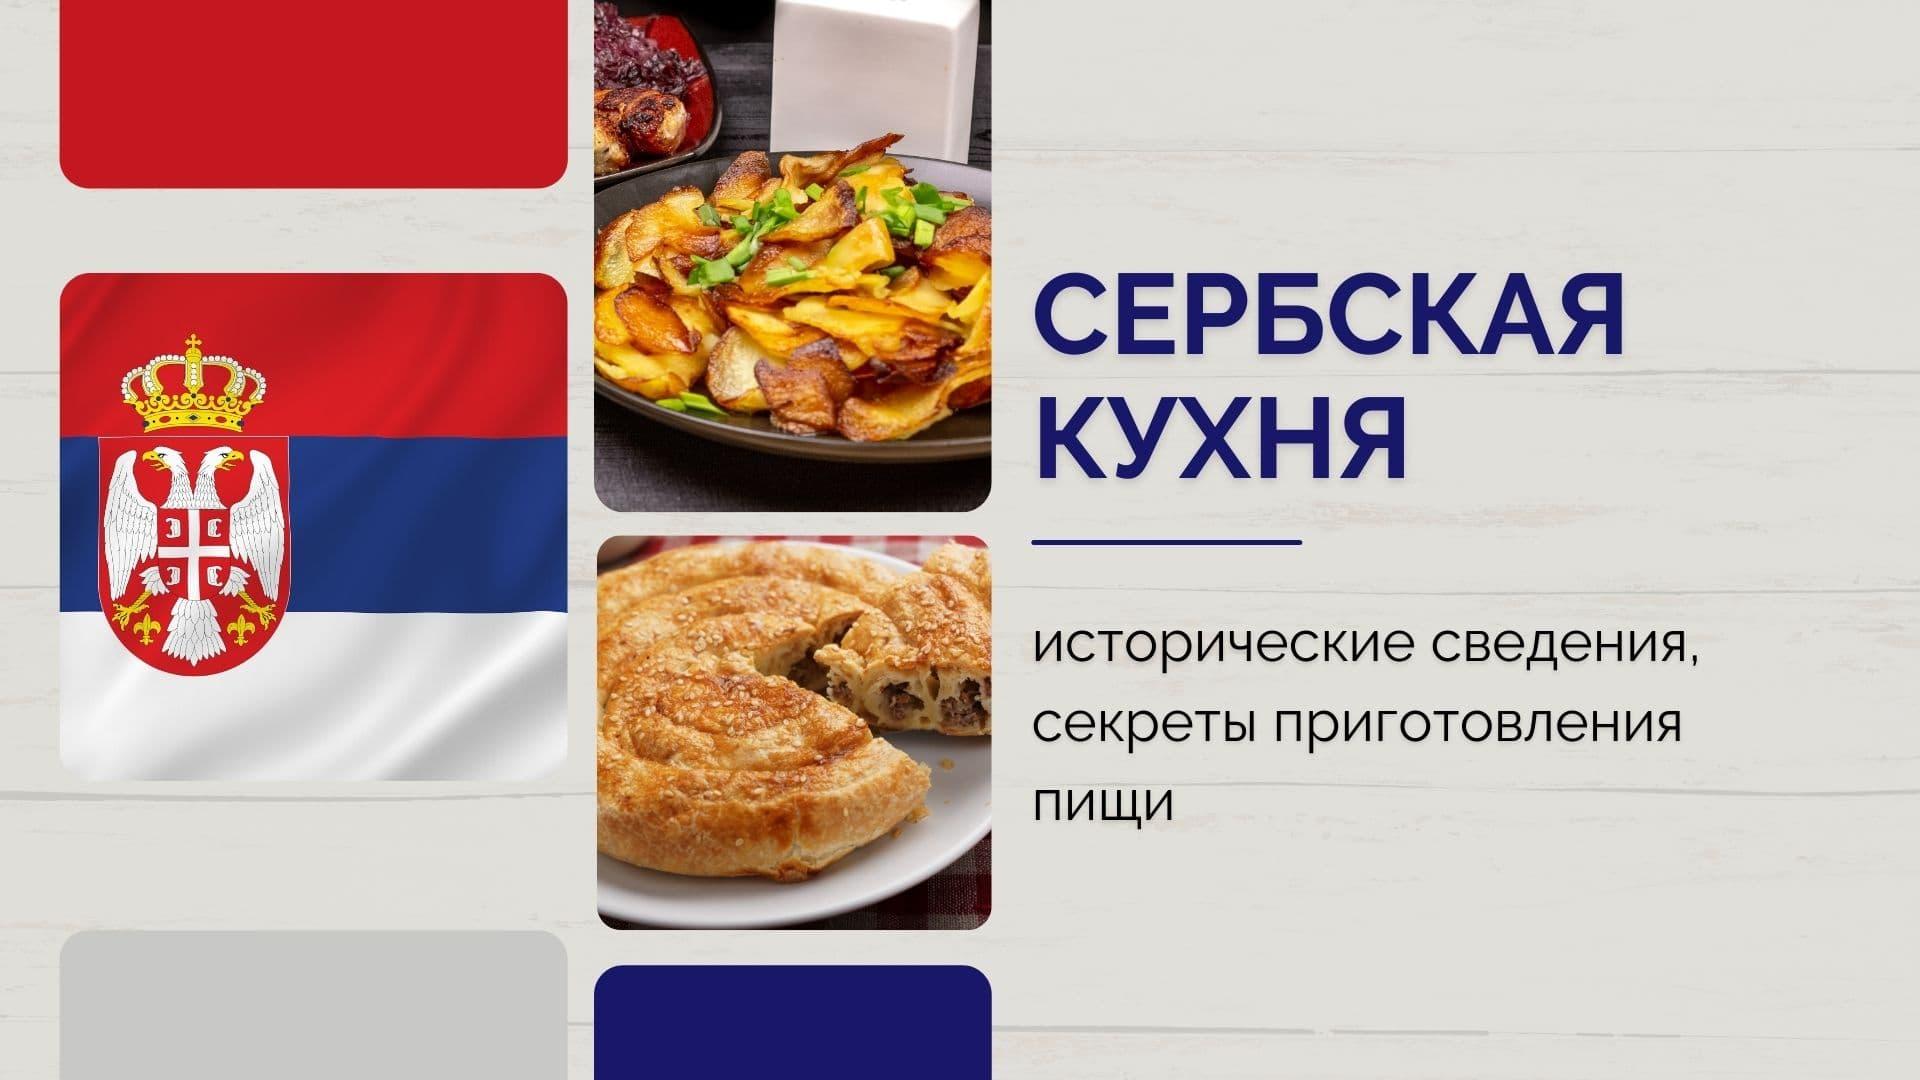 Сербская кухня: исторические сведения, секреты приготовления пищи